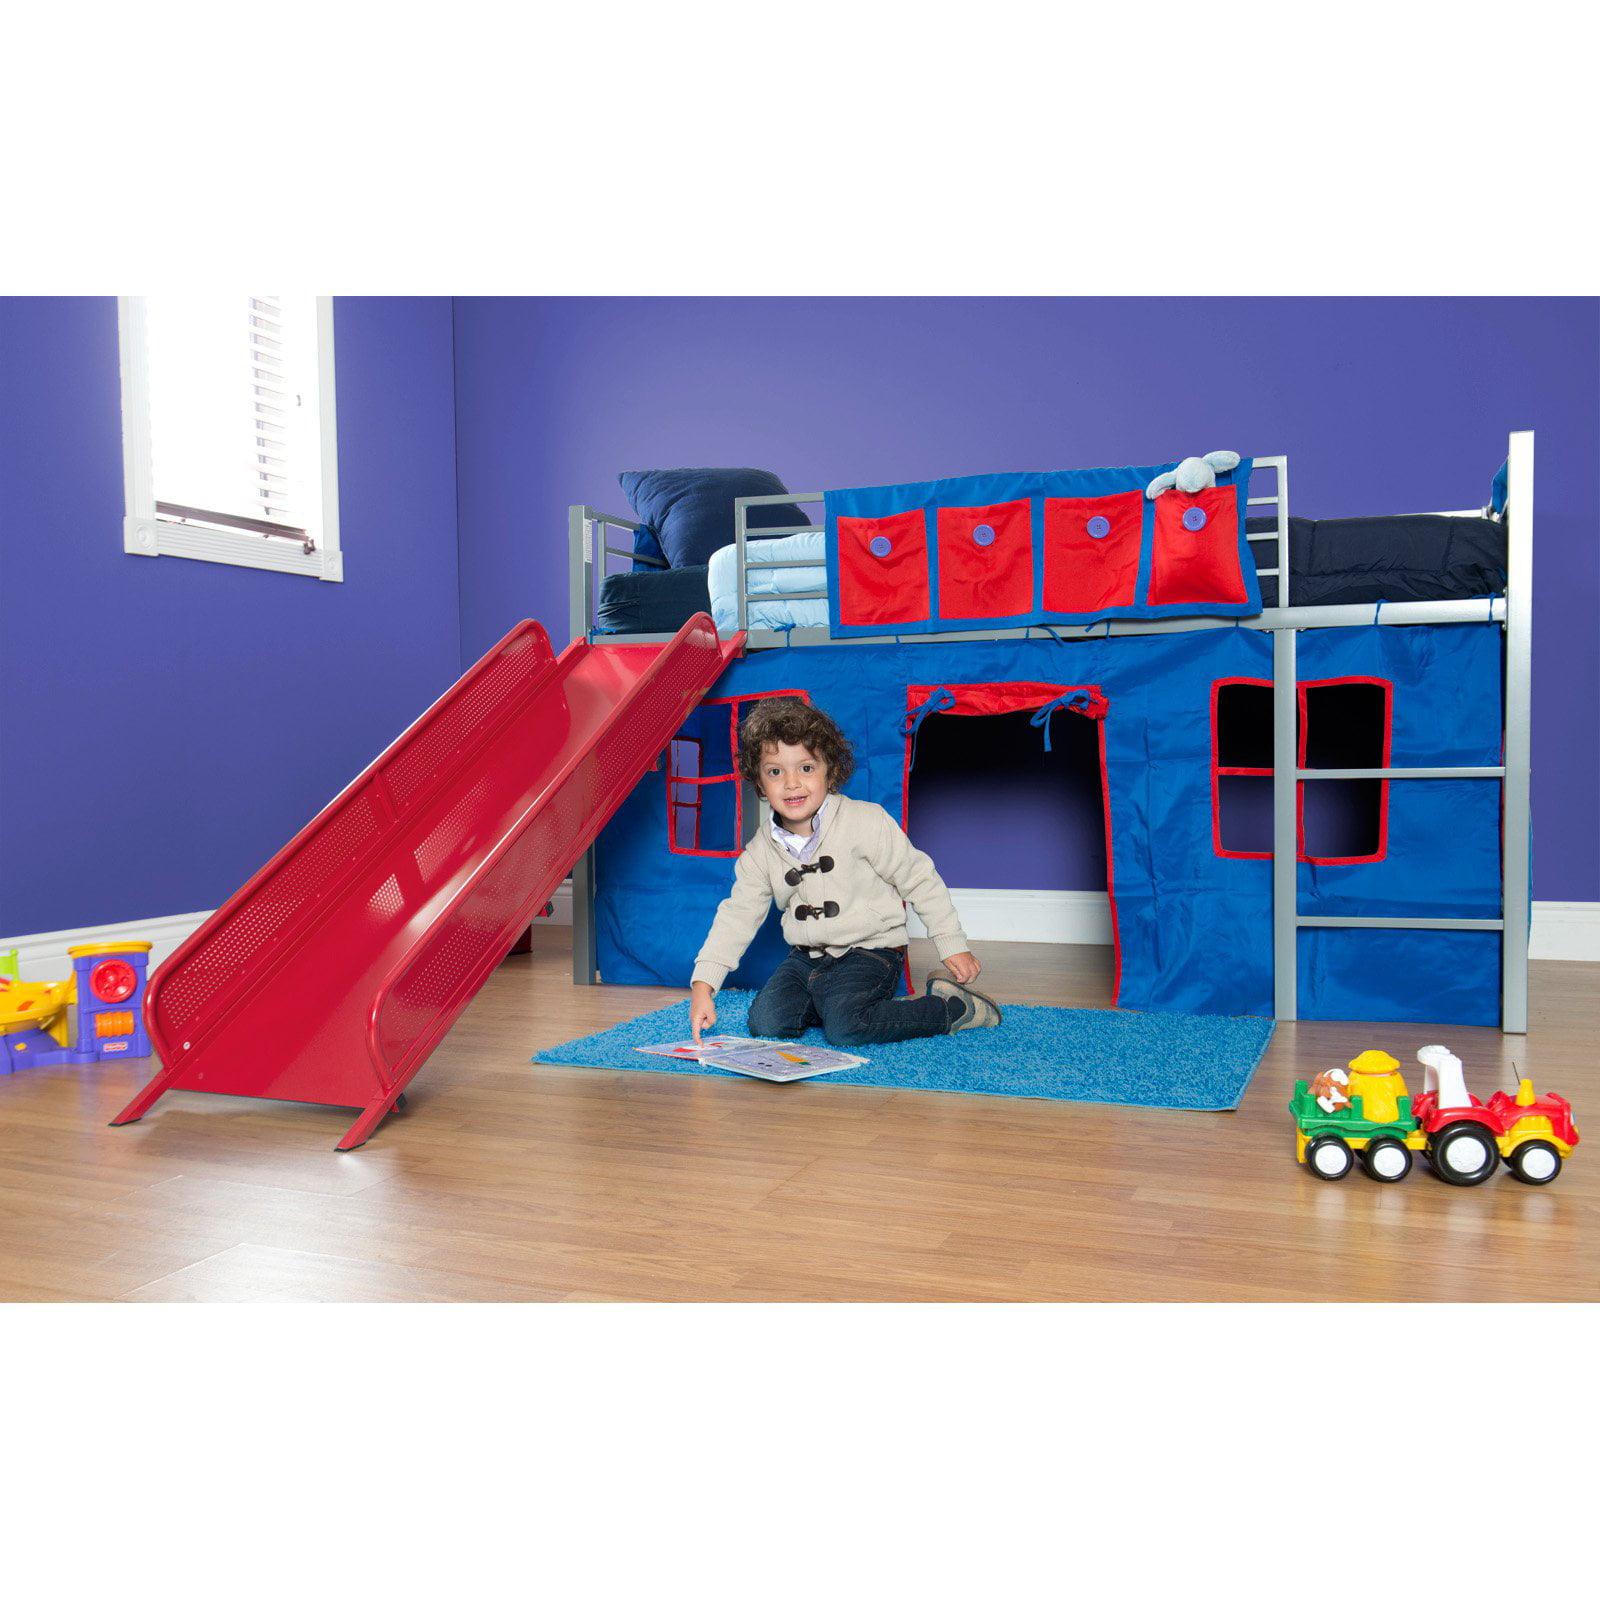 Dorel Home Junior Fantasy Loft with Red Slide Walmartcom